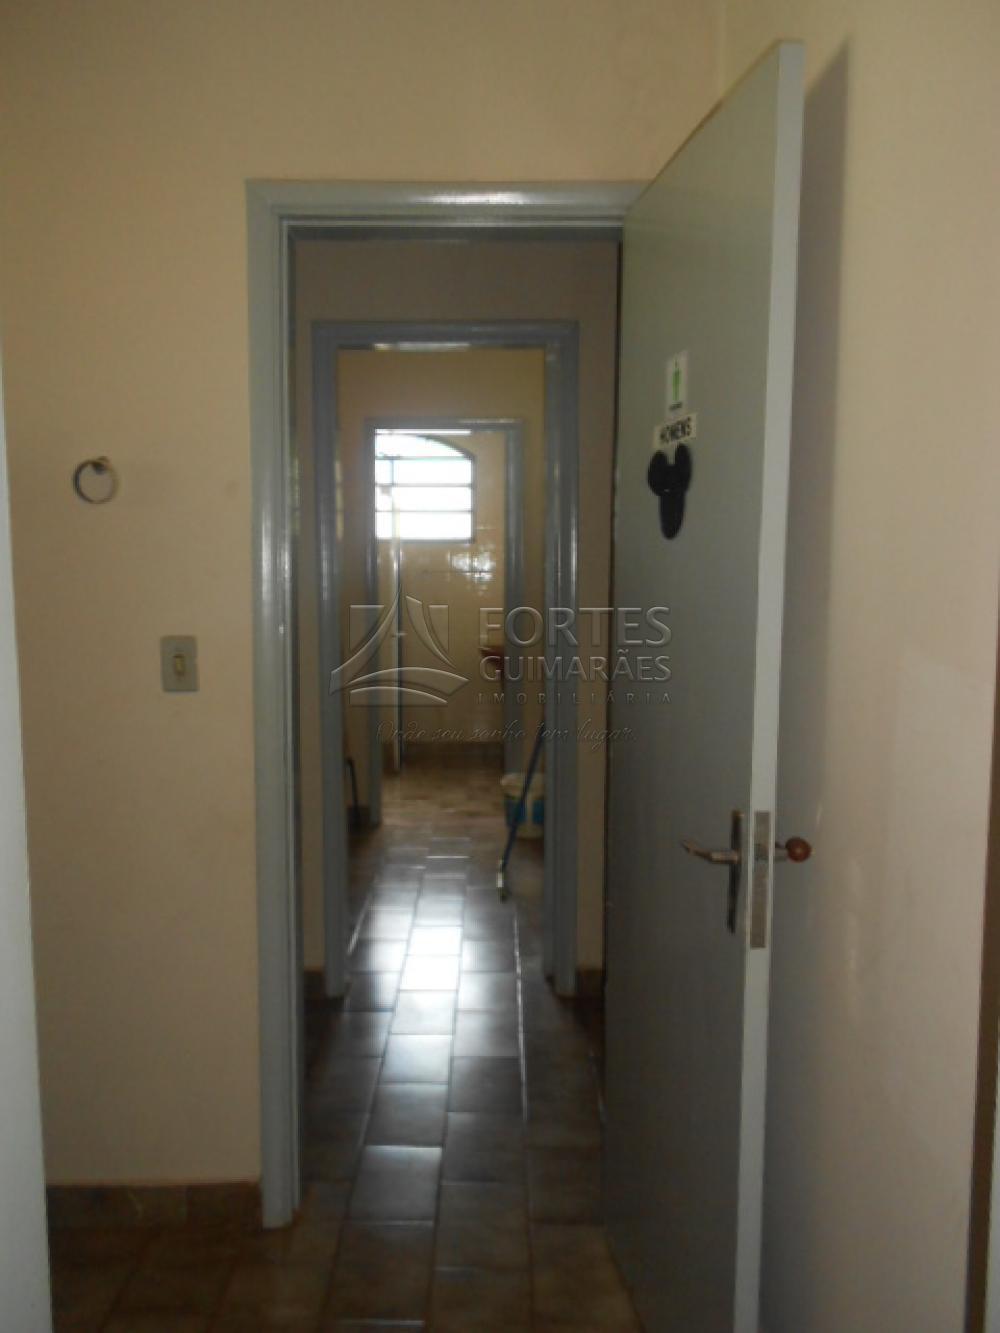 Alugar Casas / Condomínio em Jardinópolis apenas R$ 2.500,00 - Foto 32